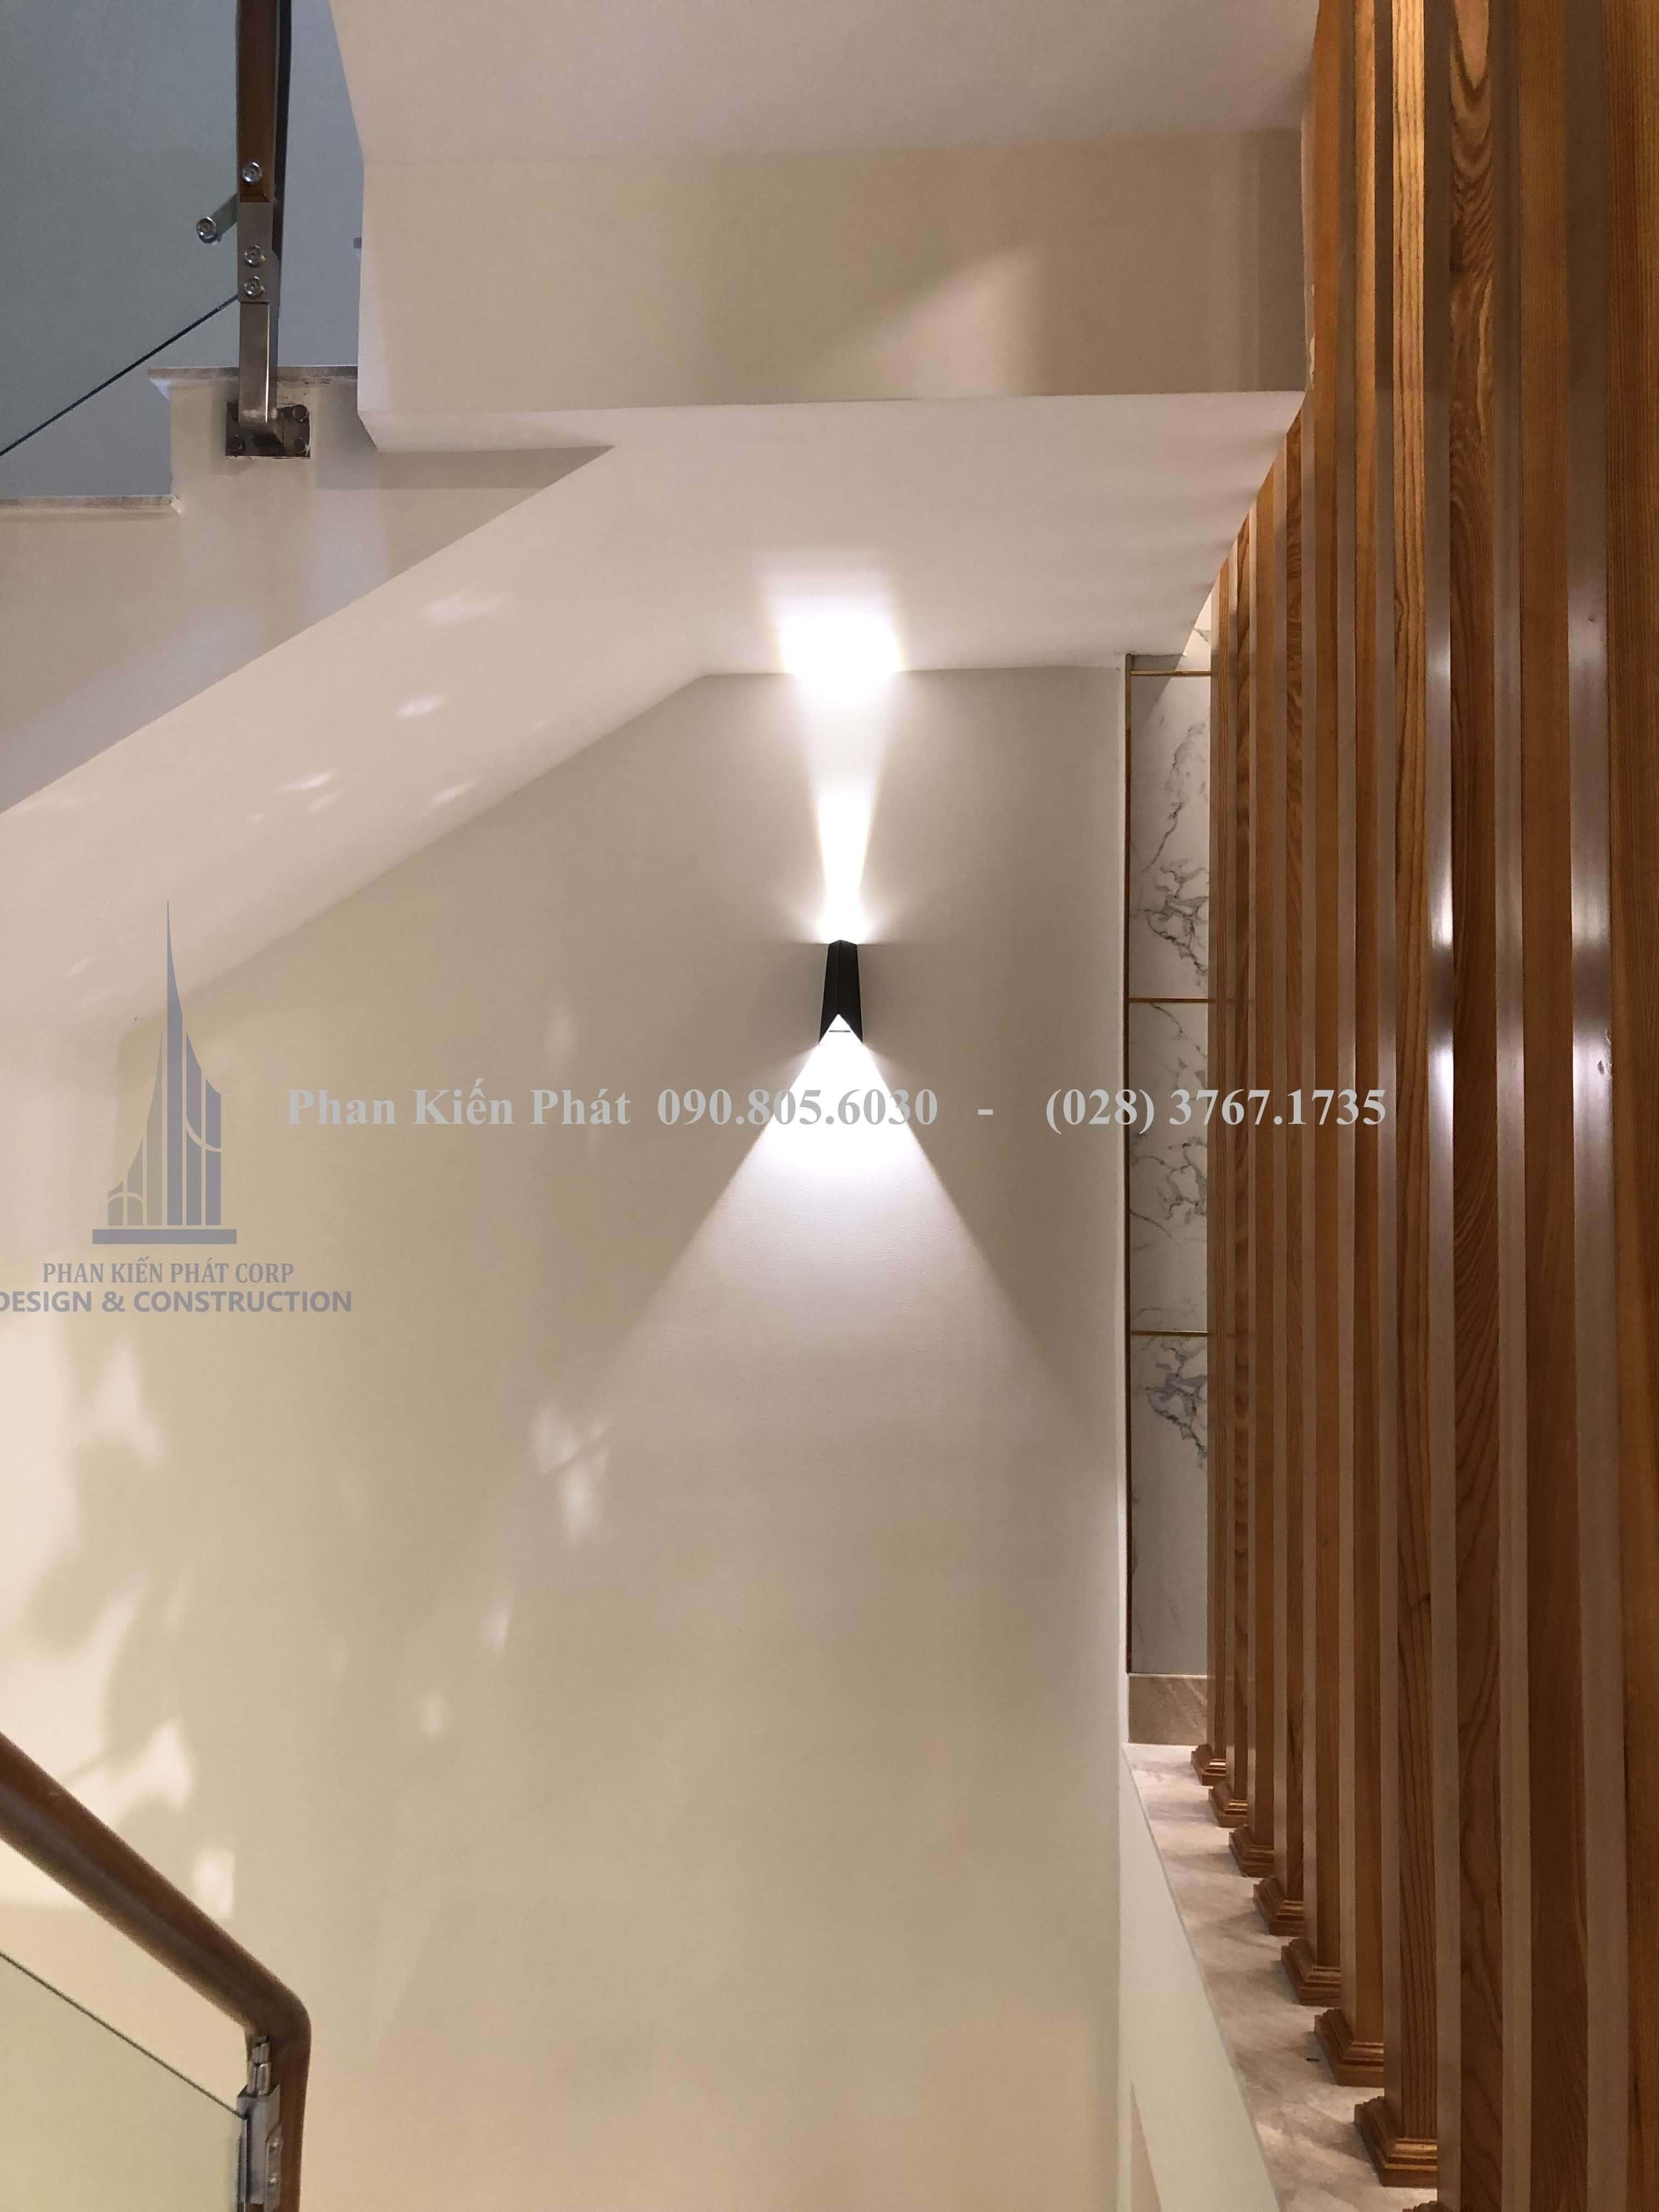 Đèn cầu thang nhà hiện đại hoàn thiện phan kiến phát thực hiện